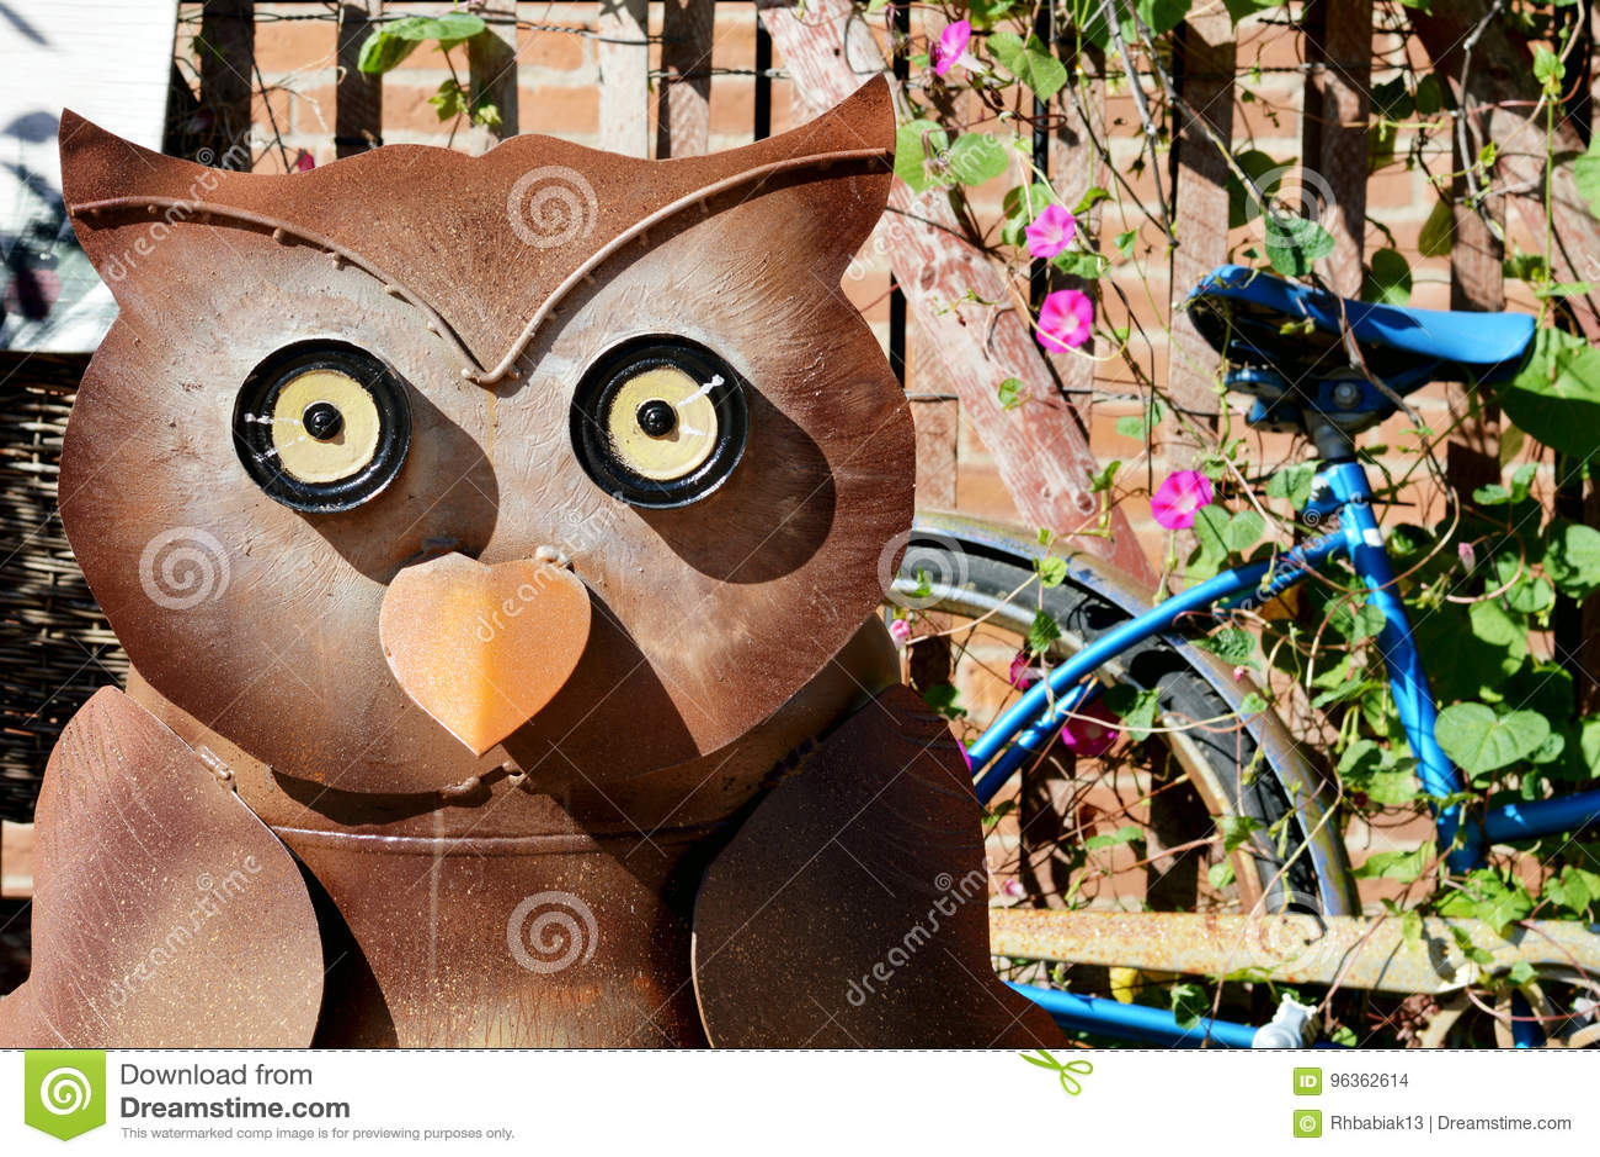 猫头鹰和蓝色自行车